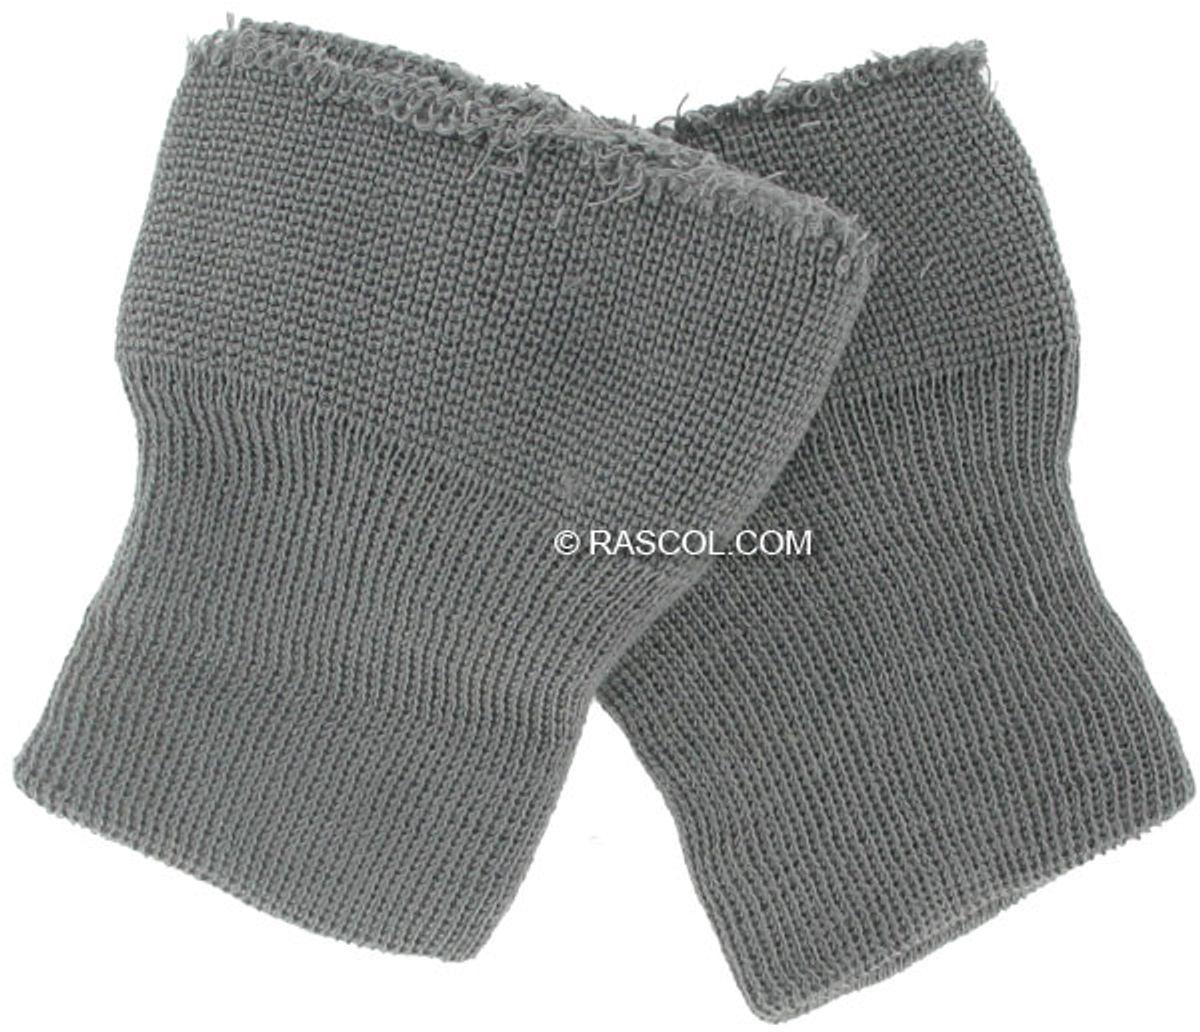 Lot de 2 poignets tricotés - Gris